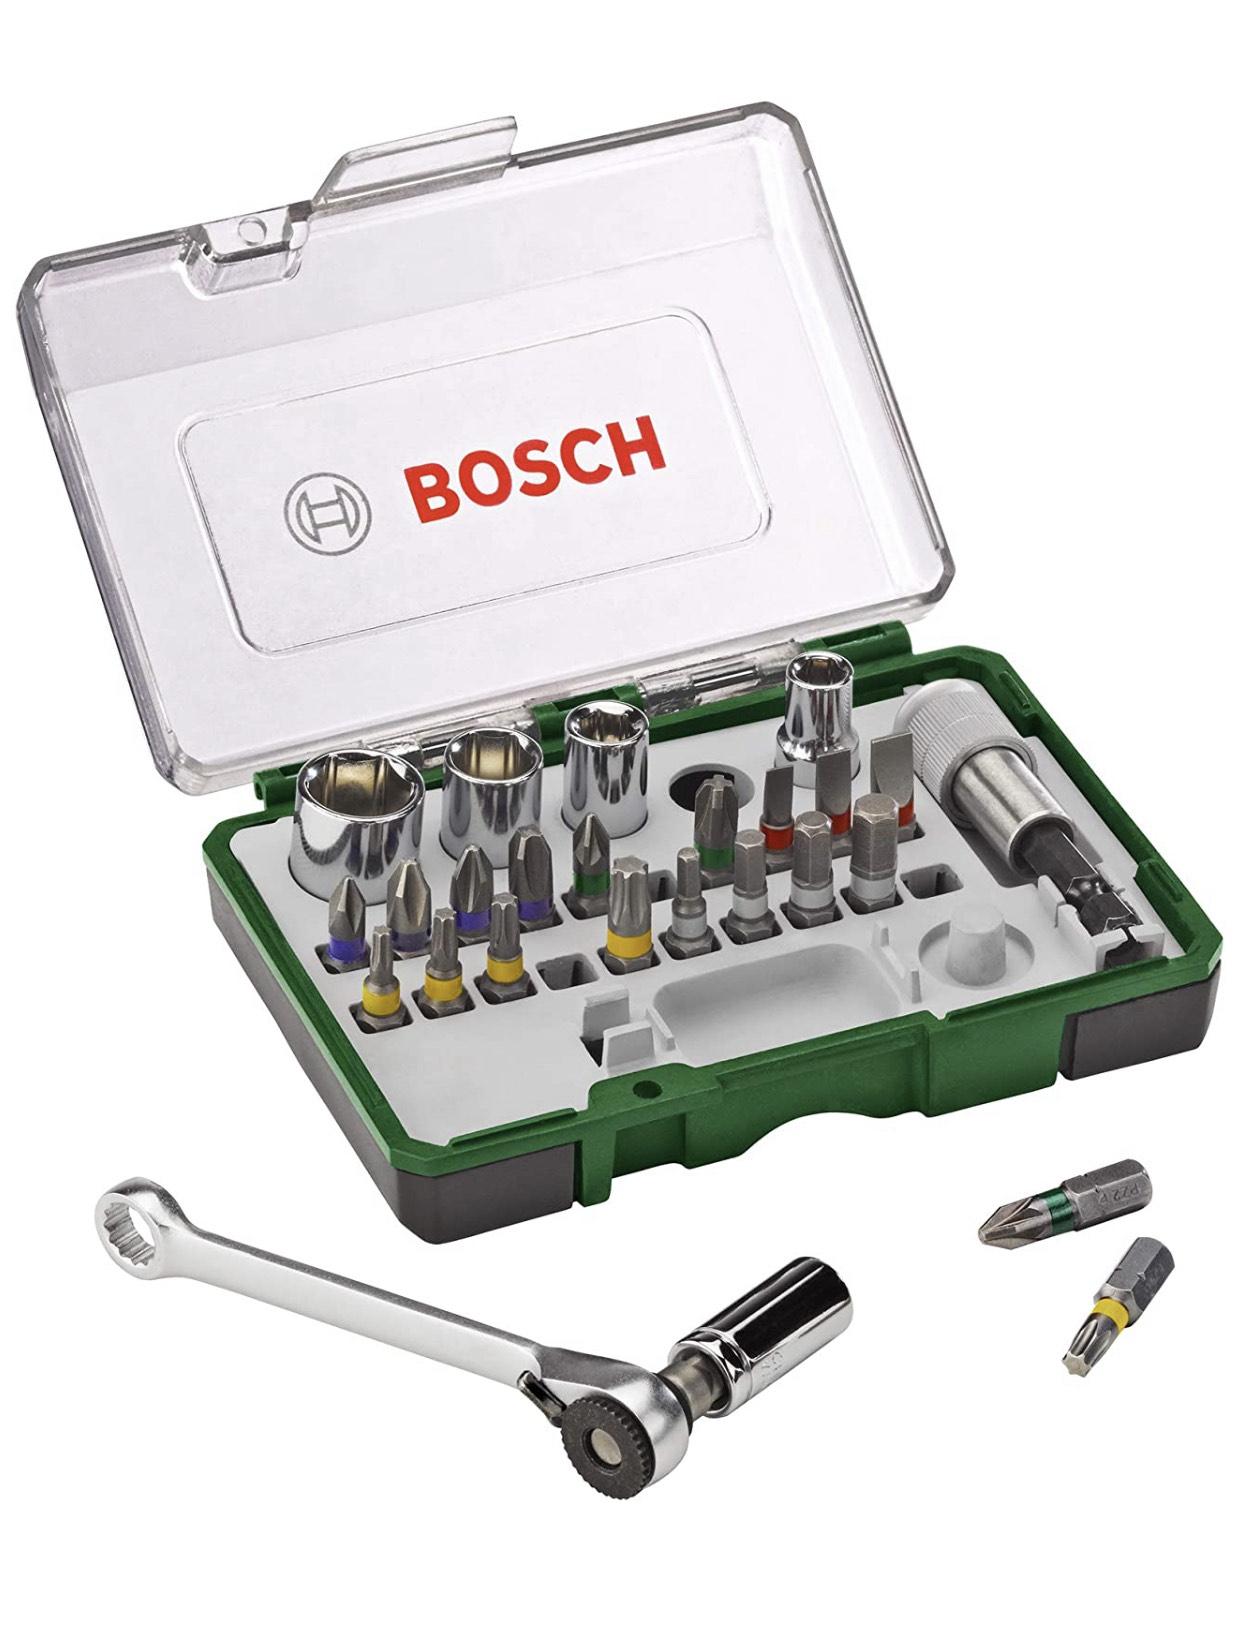 Bosch 27-Piece Screwdriver Bit and Ratchet Set £16.44 (+£4.49 non-prime) @ Amazon